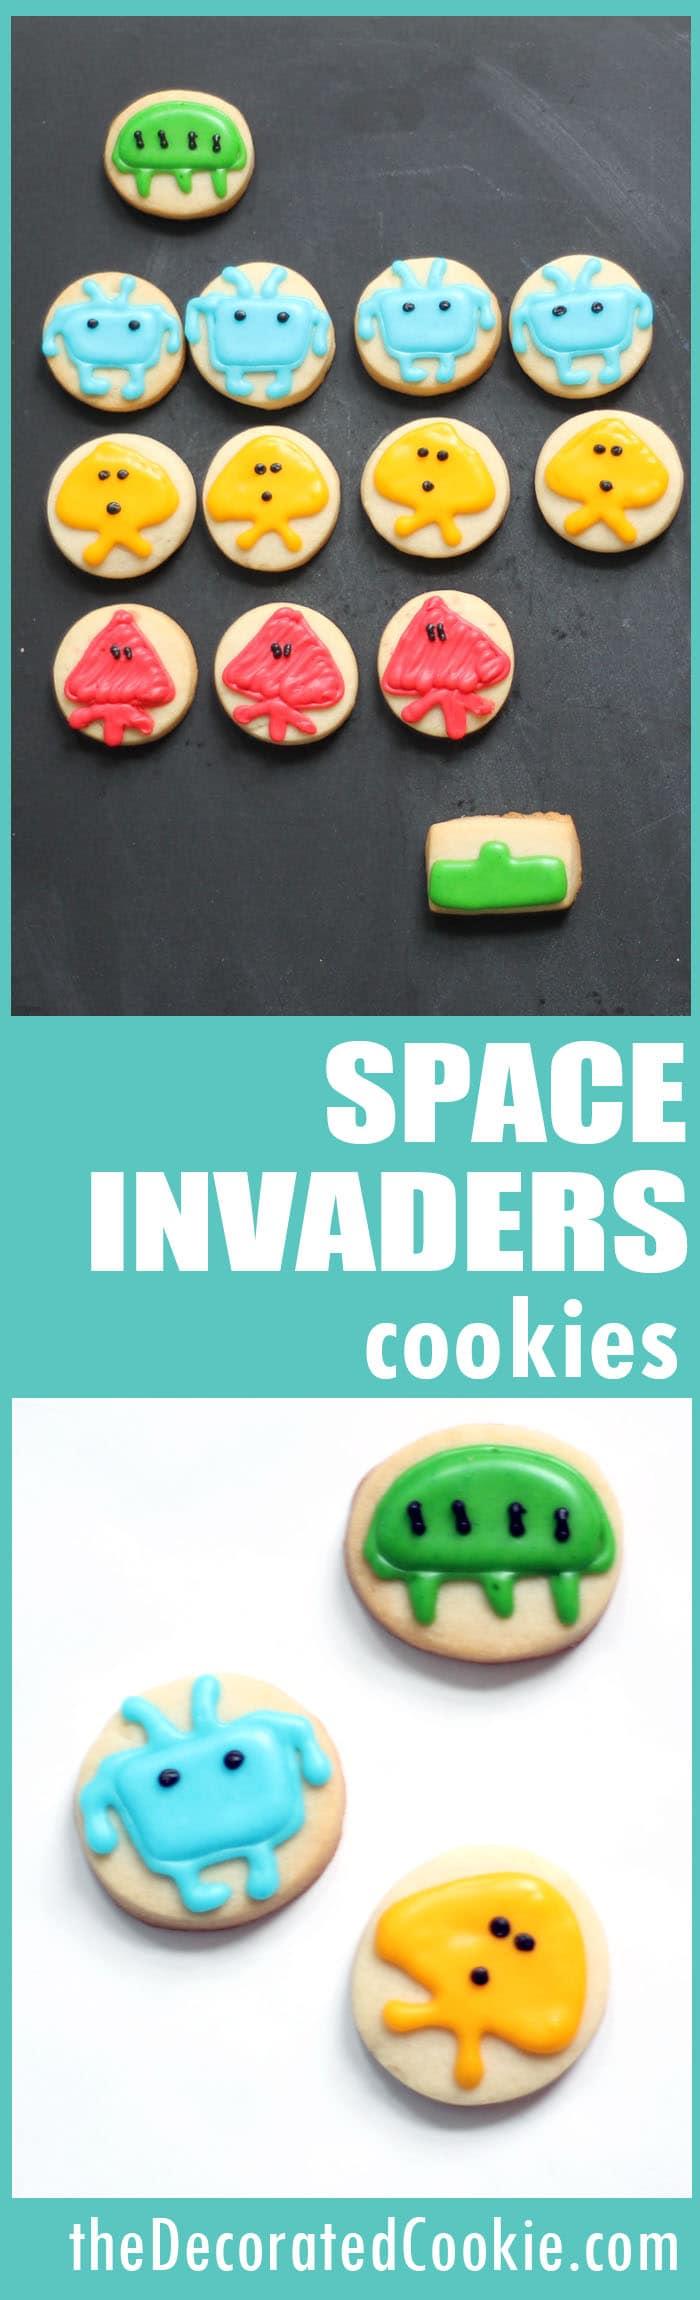 SPACE INVADERS cookies -- 1980s video games, Atari